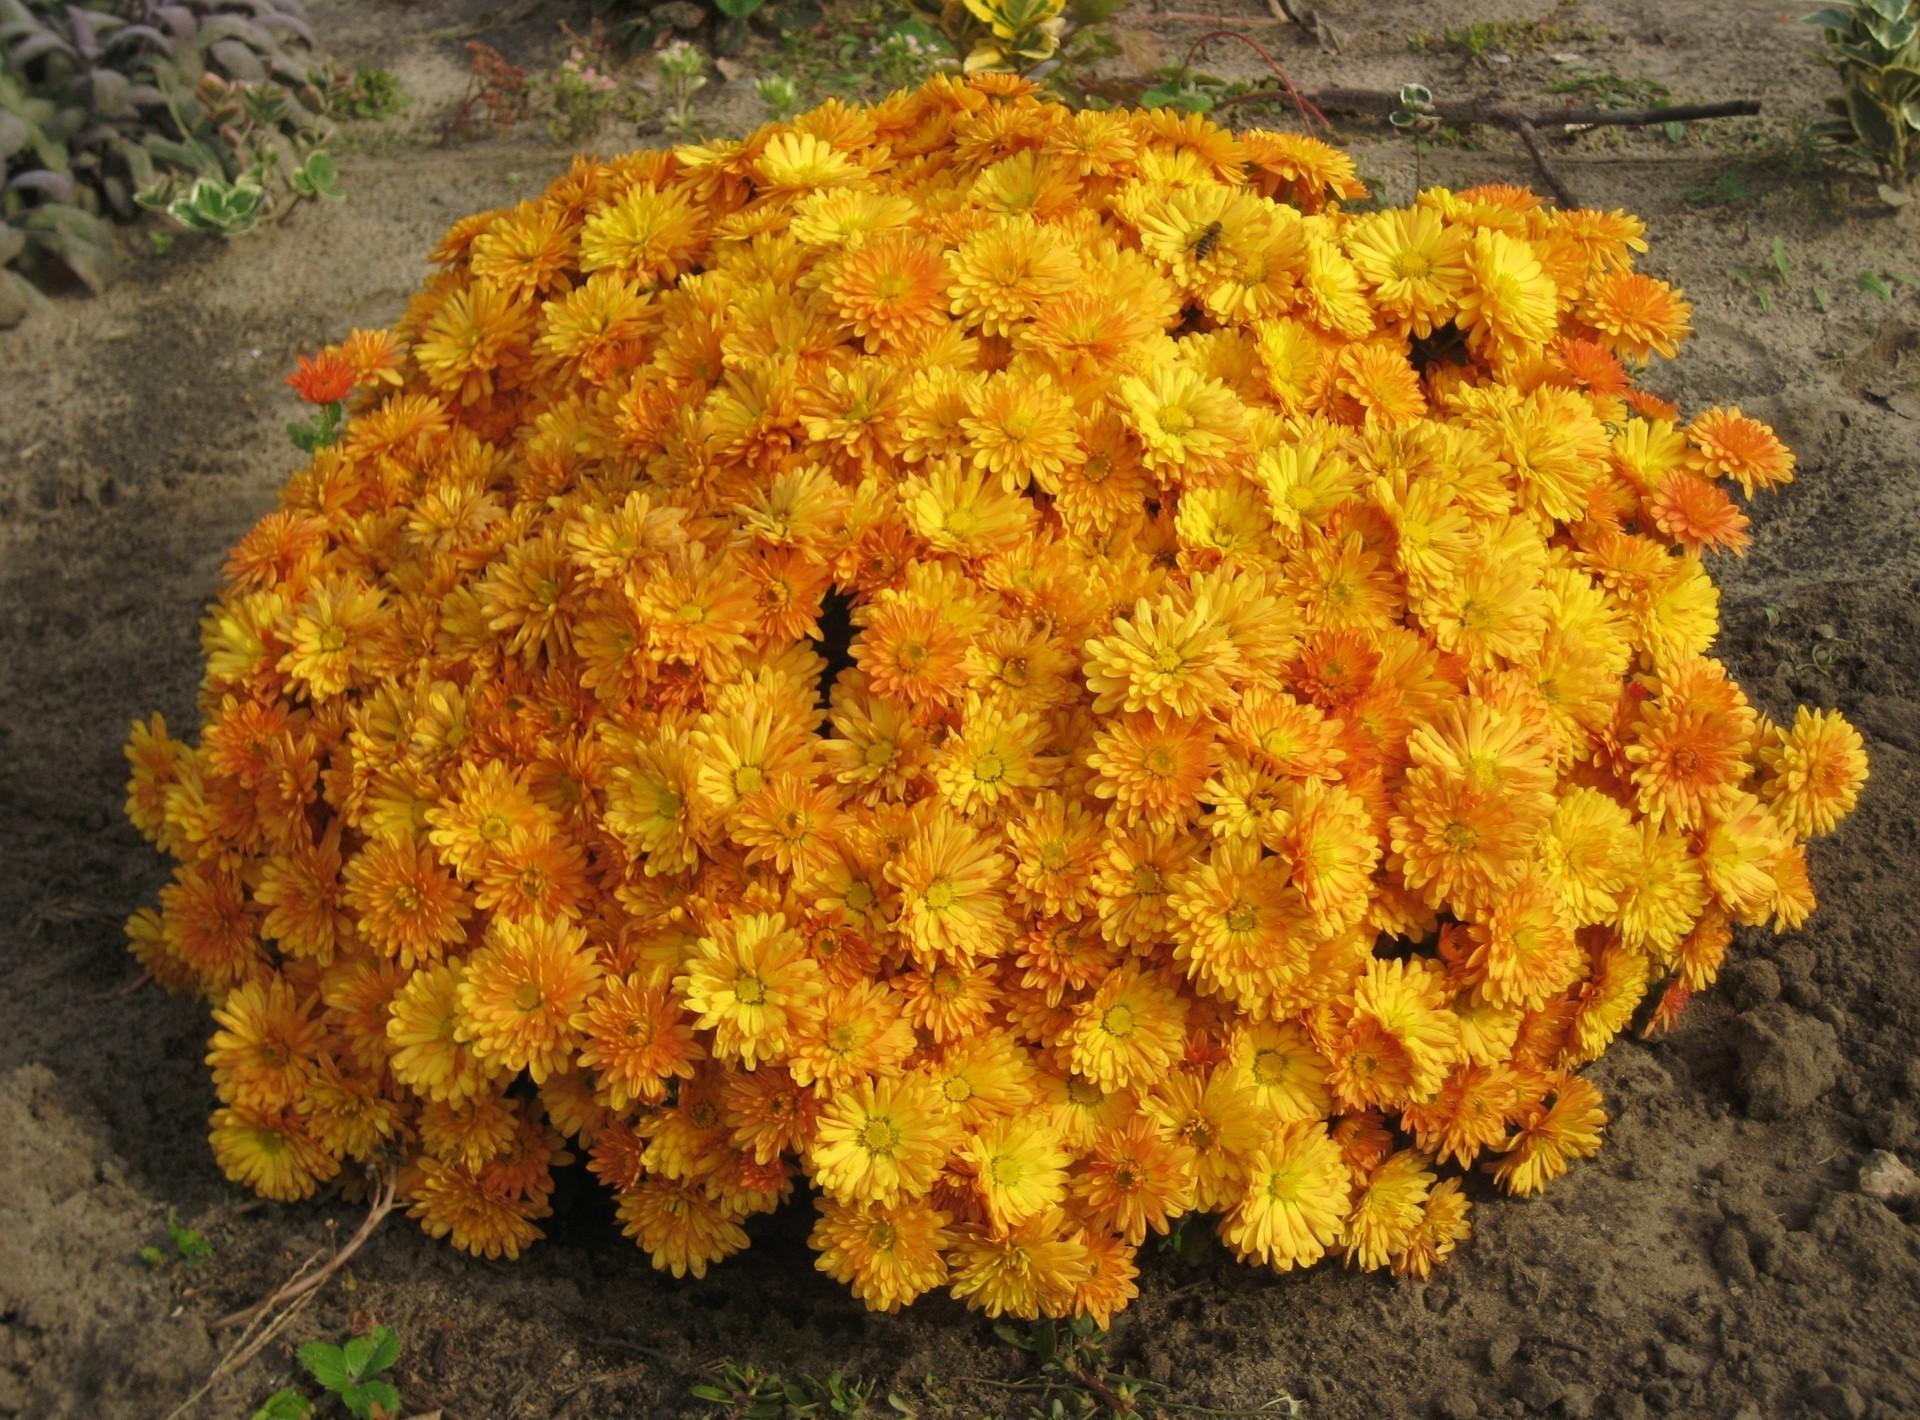 71542 скачать обои Хризантемы, Цветы, Клумба, Шар, Сад, Грунт - заставки и картинки бесплатно